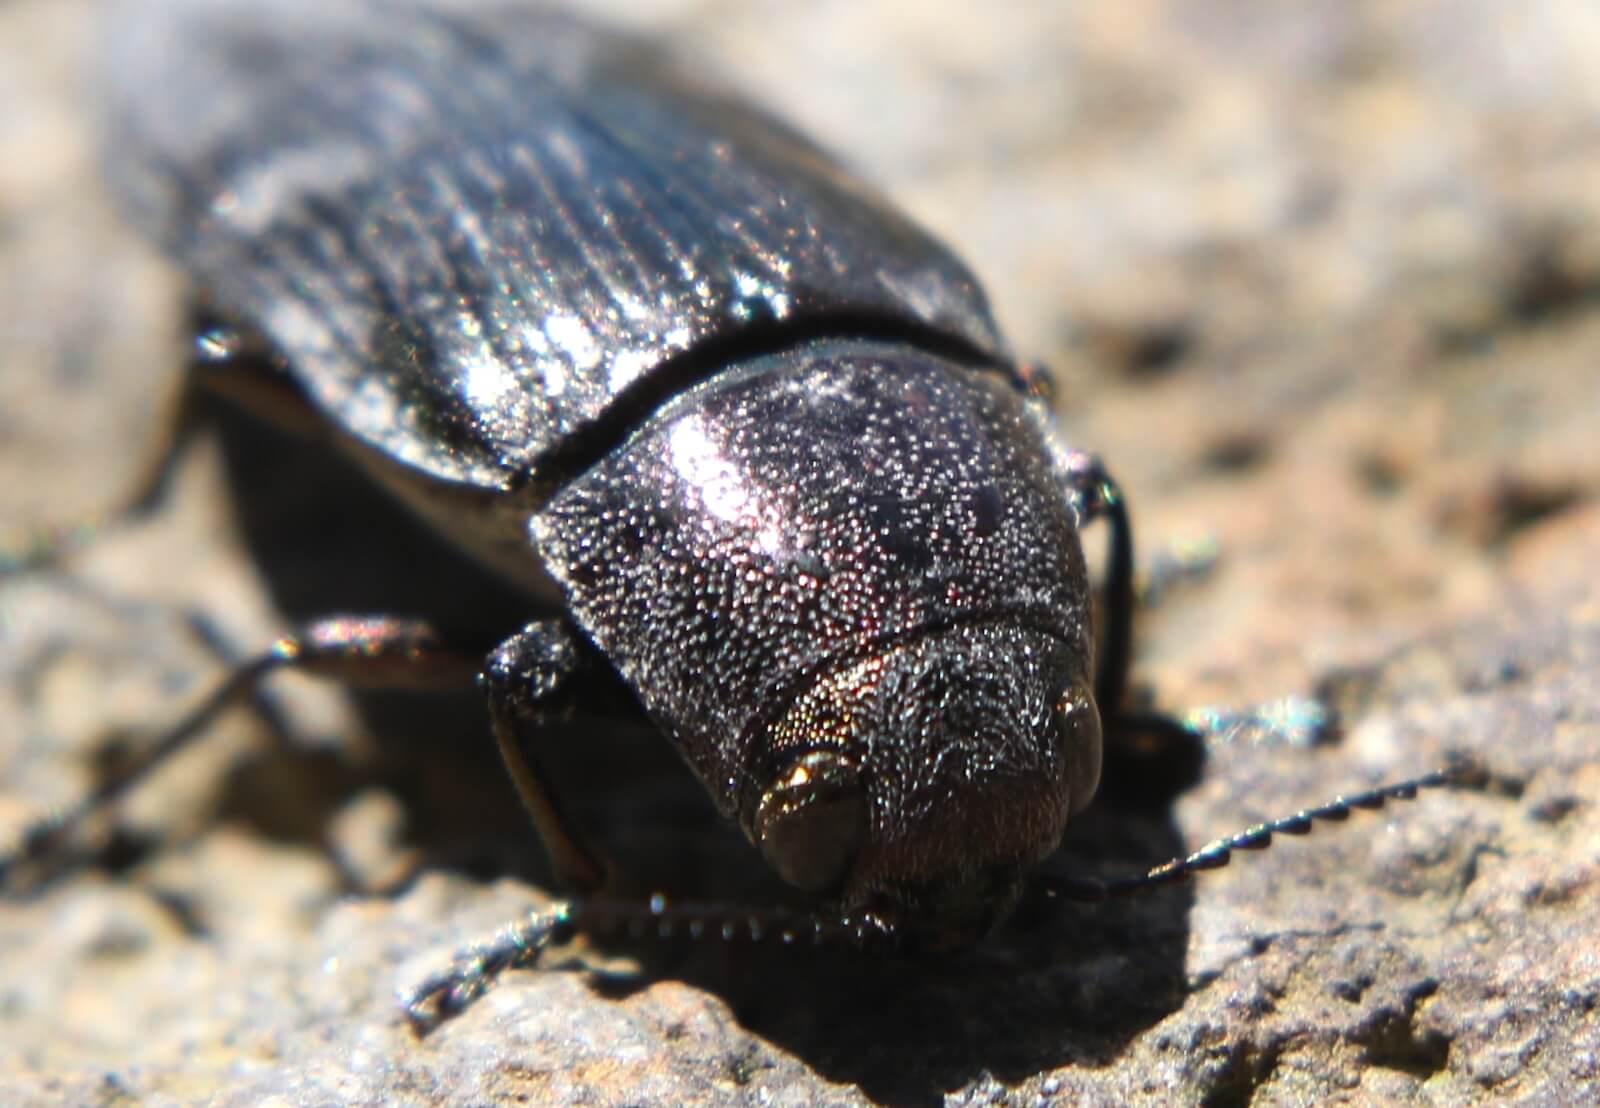 クロタマムシ〜少し害虫。新築の柱や梁から出現することもある中型タマムシ